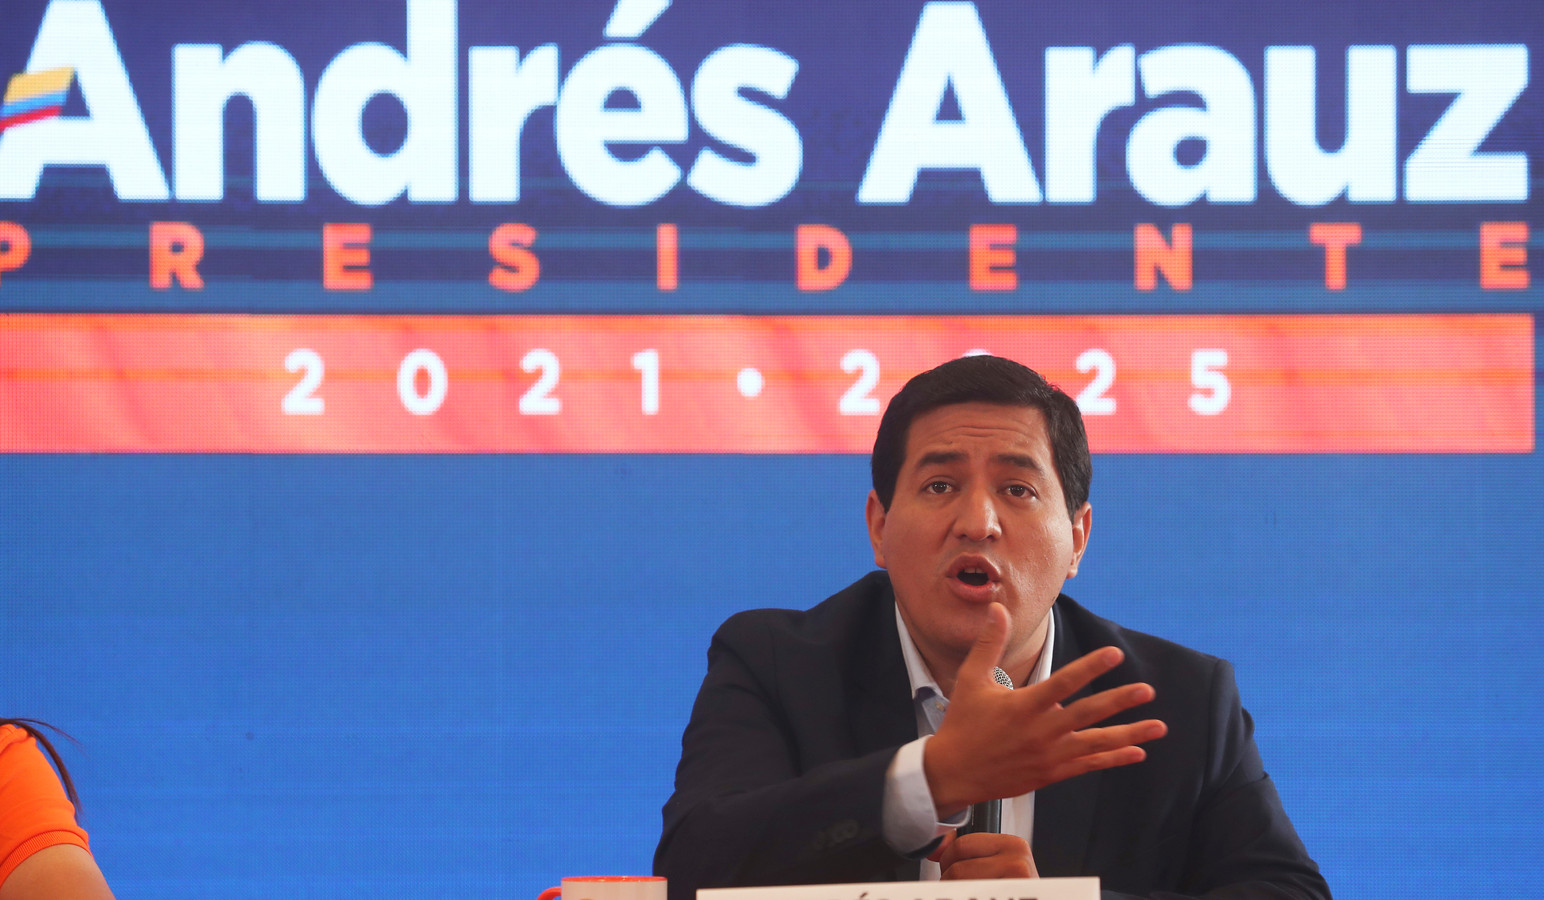 De eerste ronde van de verkiezingen werd gewonnen door Andrés Arauz.